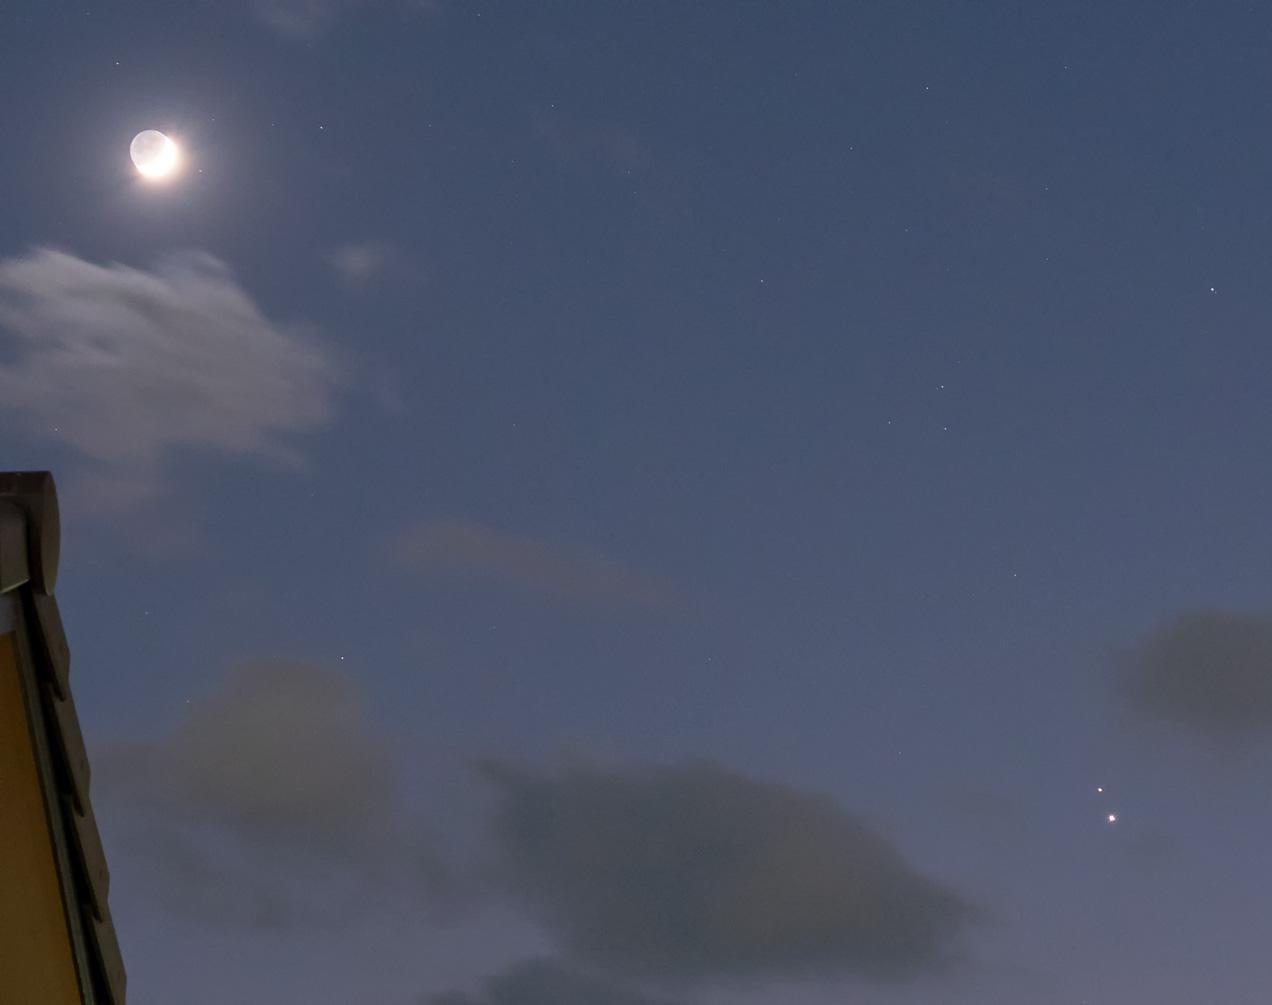 木星・土星・月(2020/12/18 17:44)